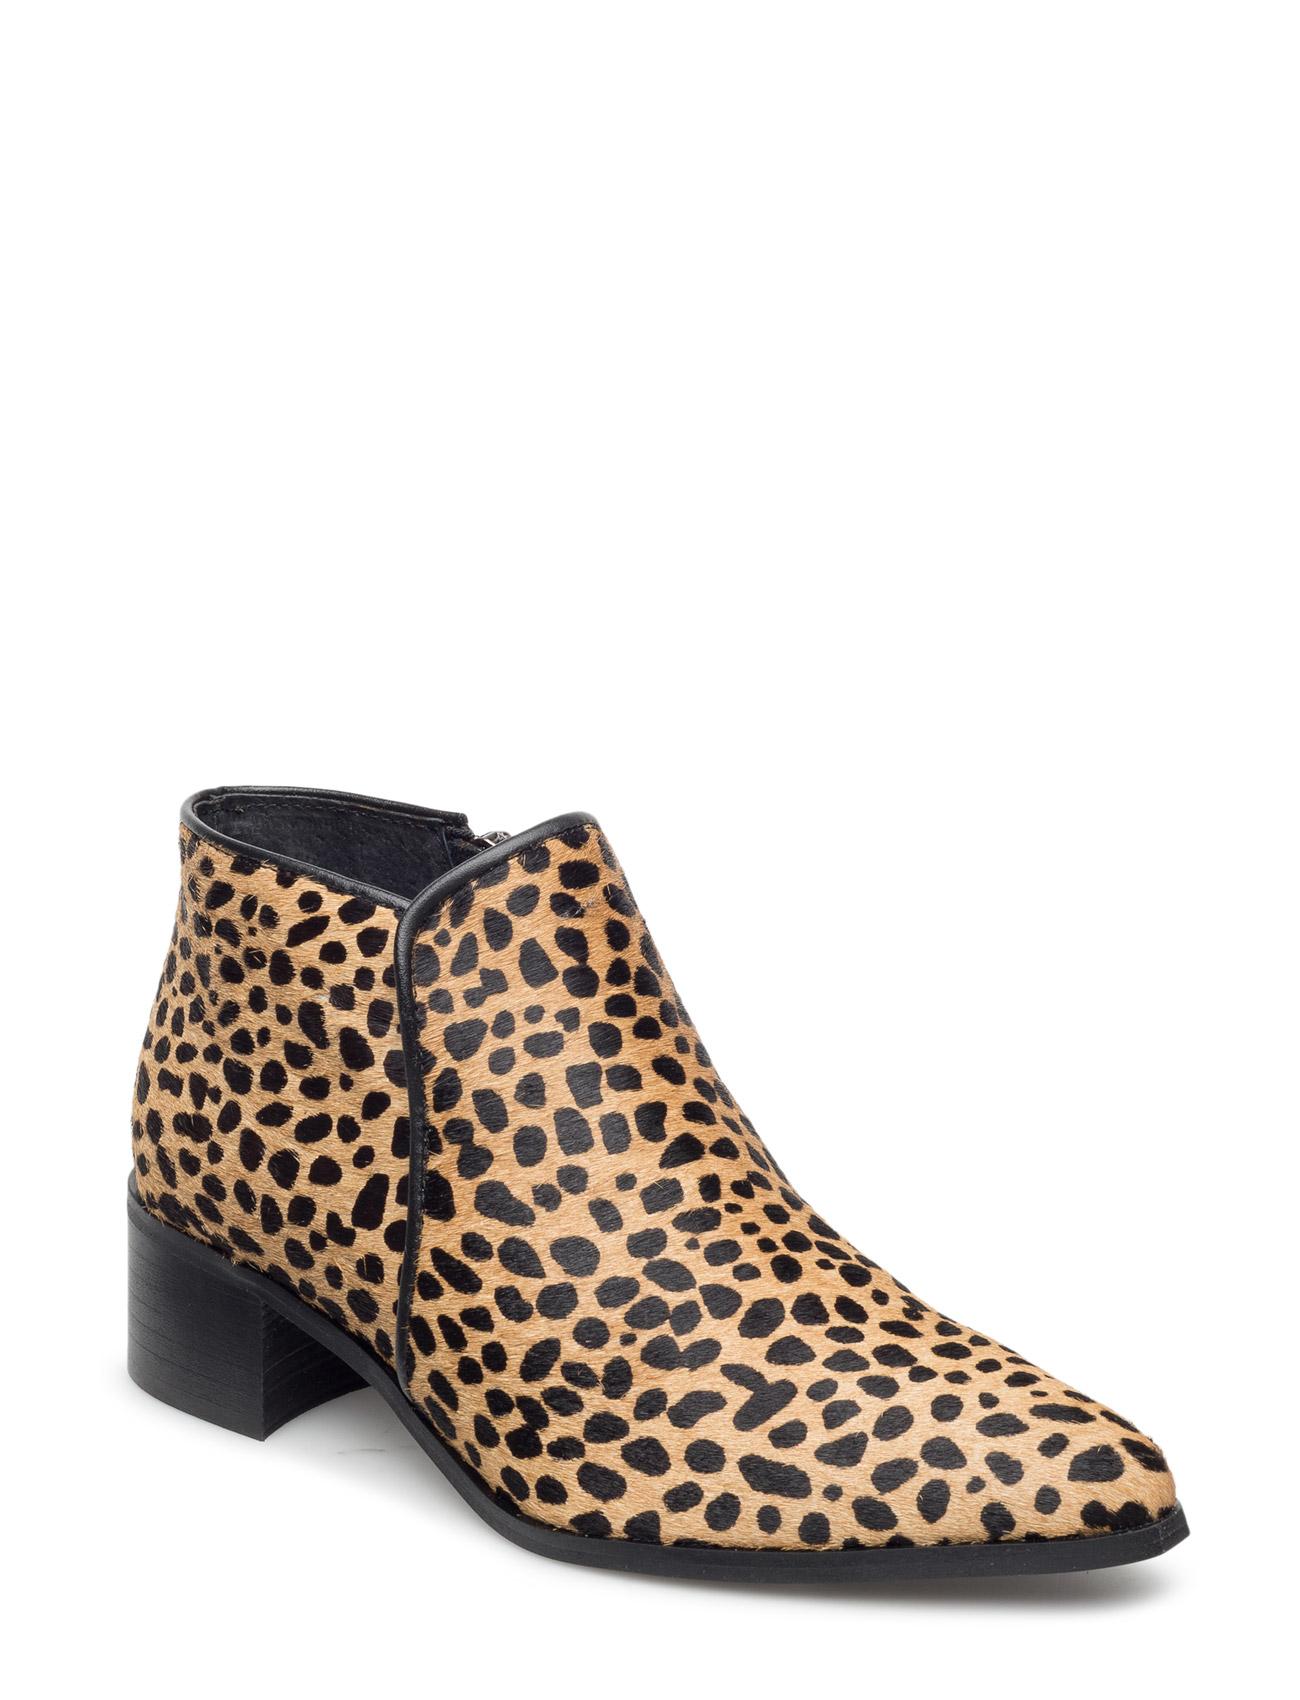 Colette Aop 1050 Samsøe & Samsøe Støvler til Kvinder i